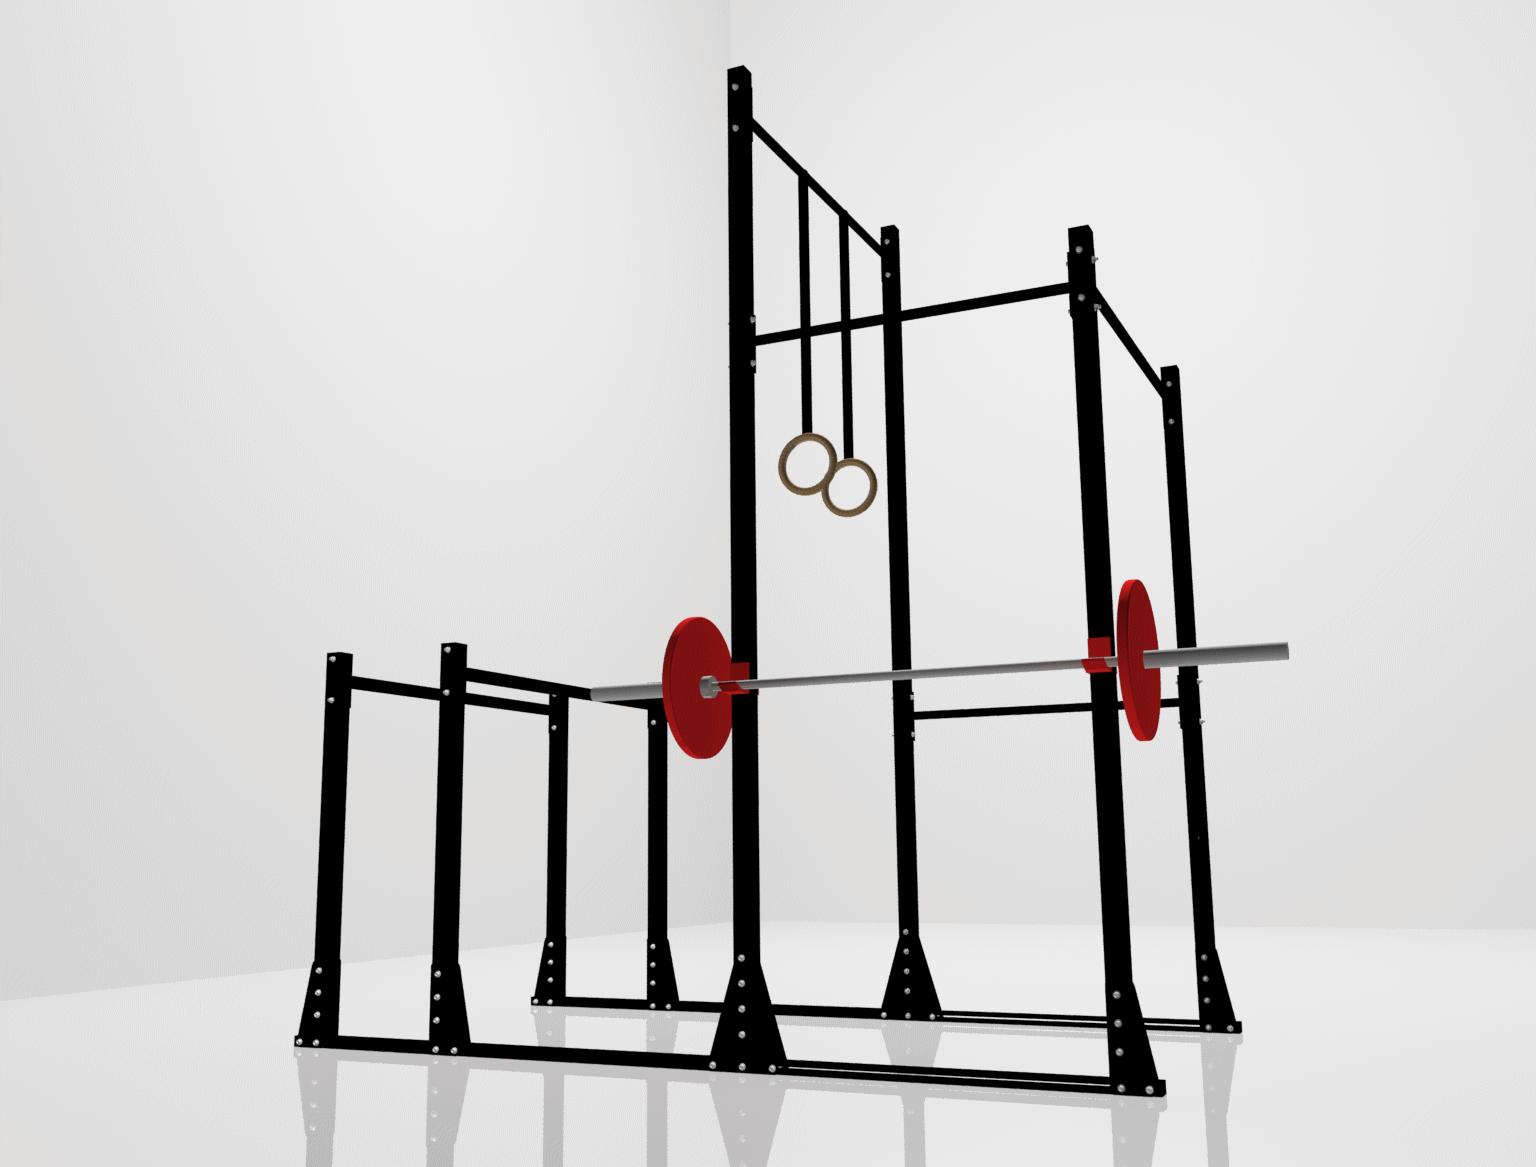 Equipos para gimnasio aparatos de gimnasia y gimnasio en for Aparatos de gimnasio usados